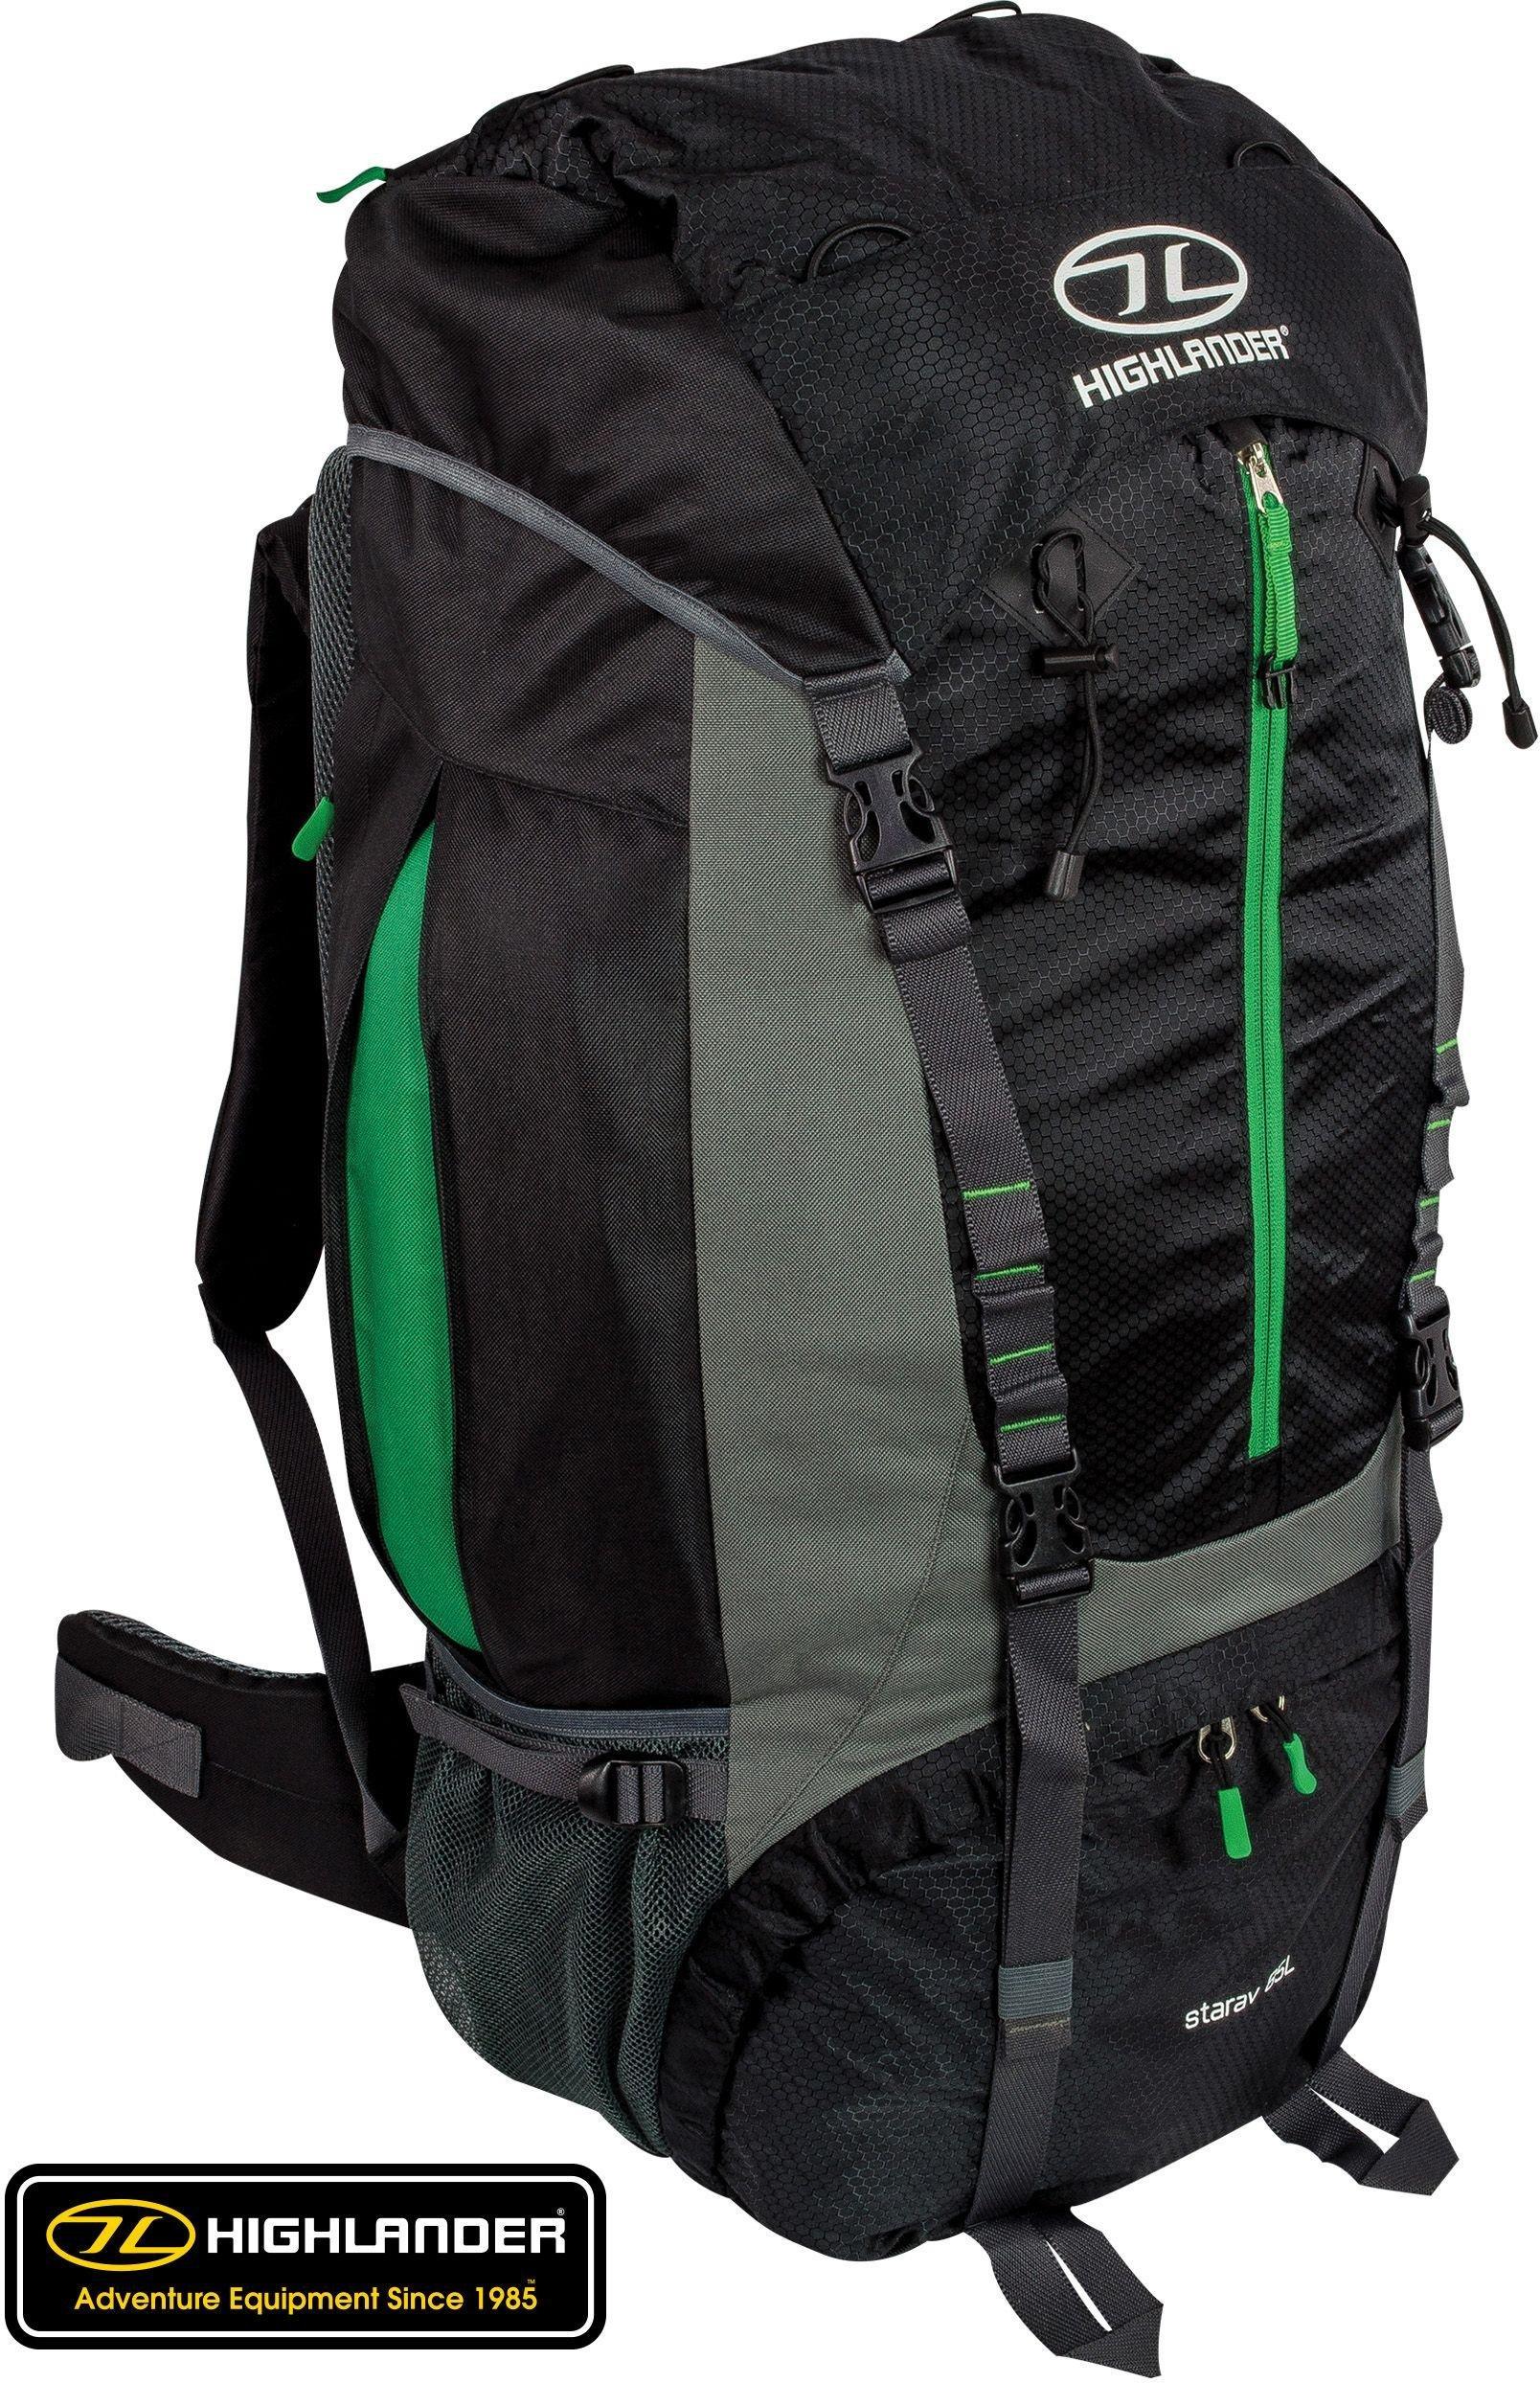 Highlander Starav 85L Rucksack - Black/Green